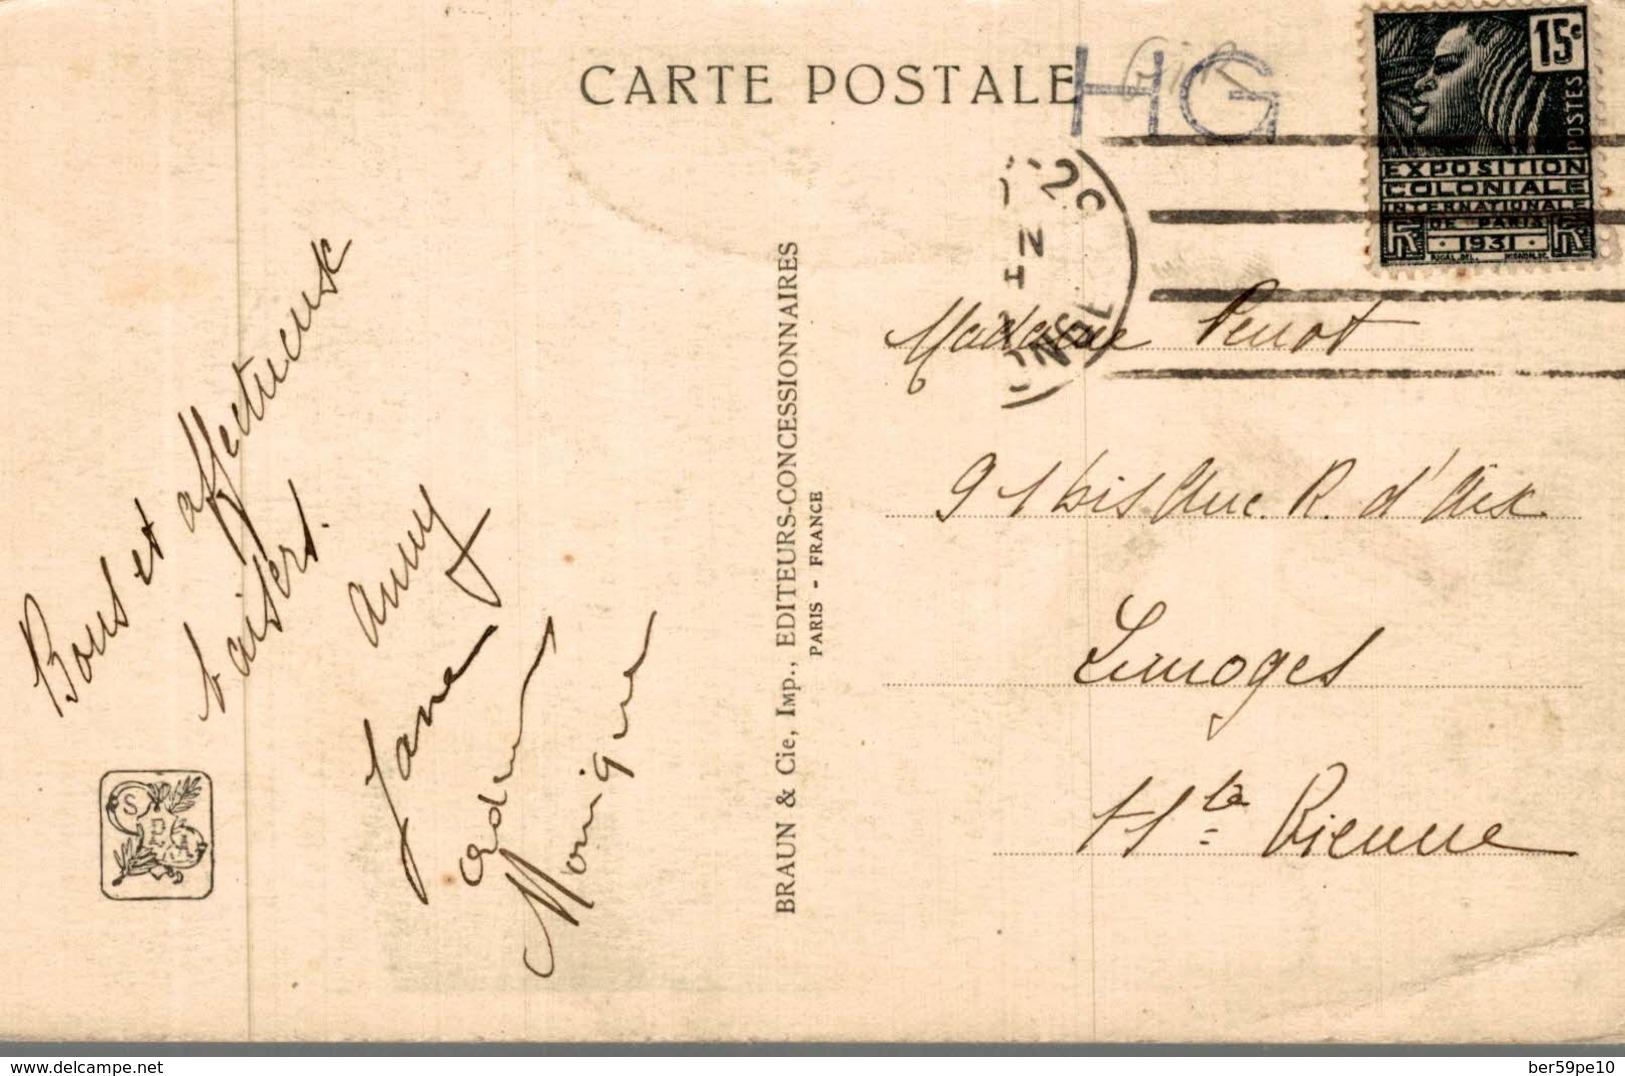 EXPOSITION COLONIALE INTERNATIONALE PARIS 1931  ANKOR VAT  TOUR NORD-OUEST - Exposiciones